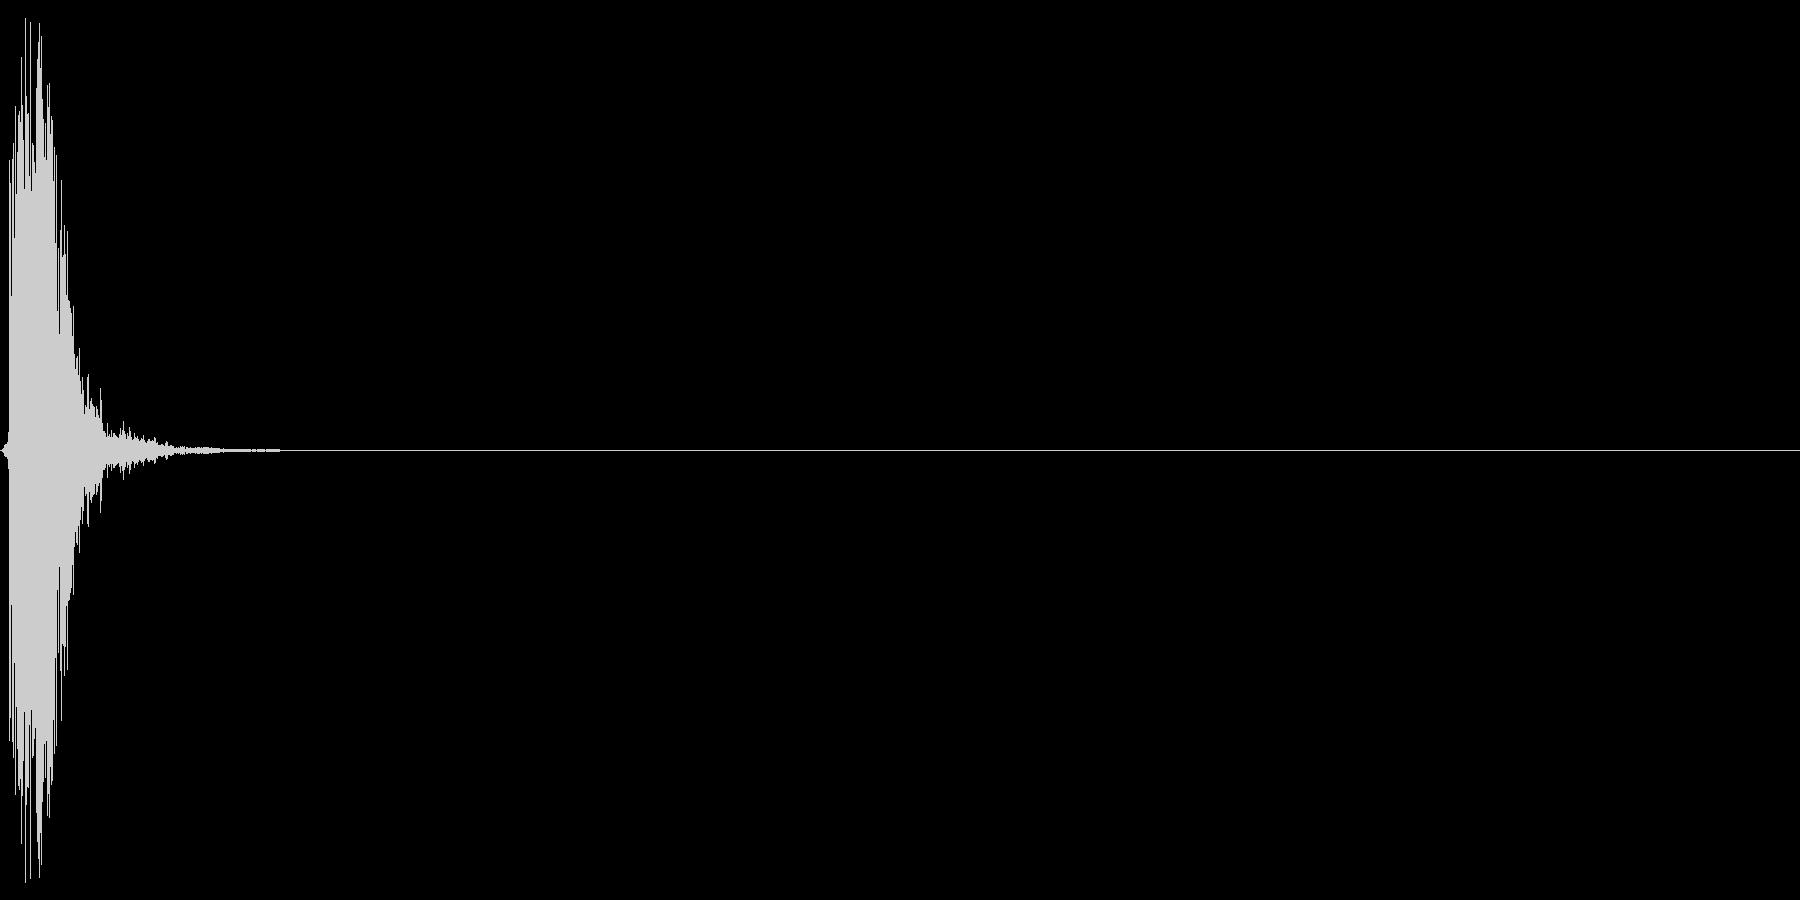 ピシュン(ショット音、シューティング)の未再生の波形